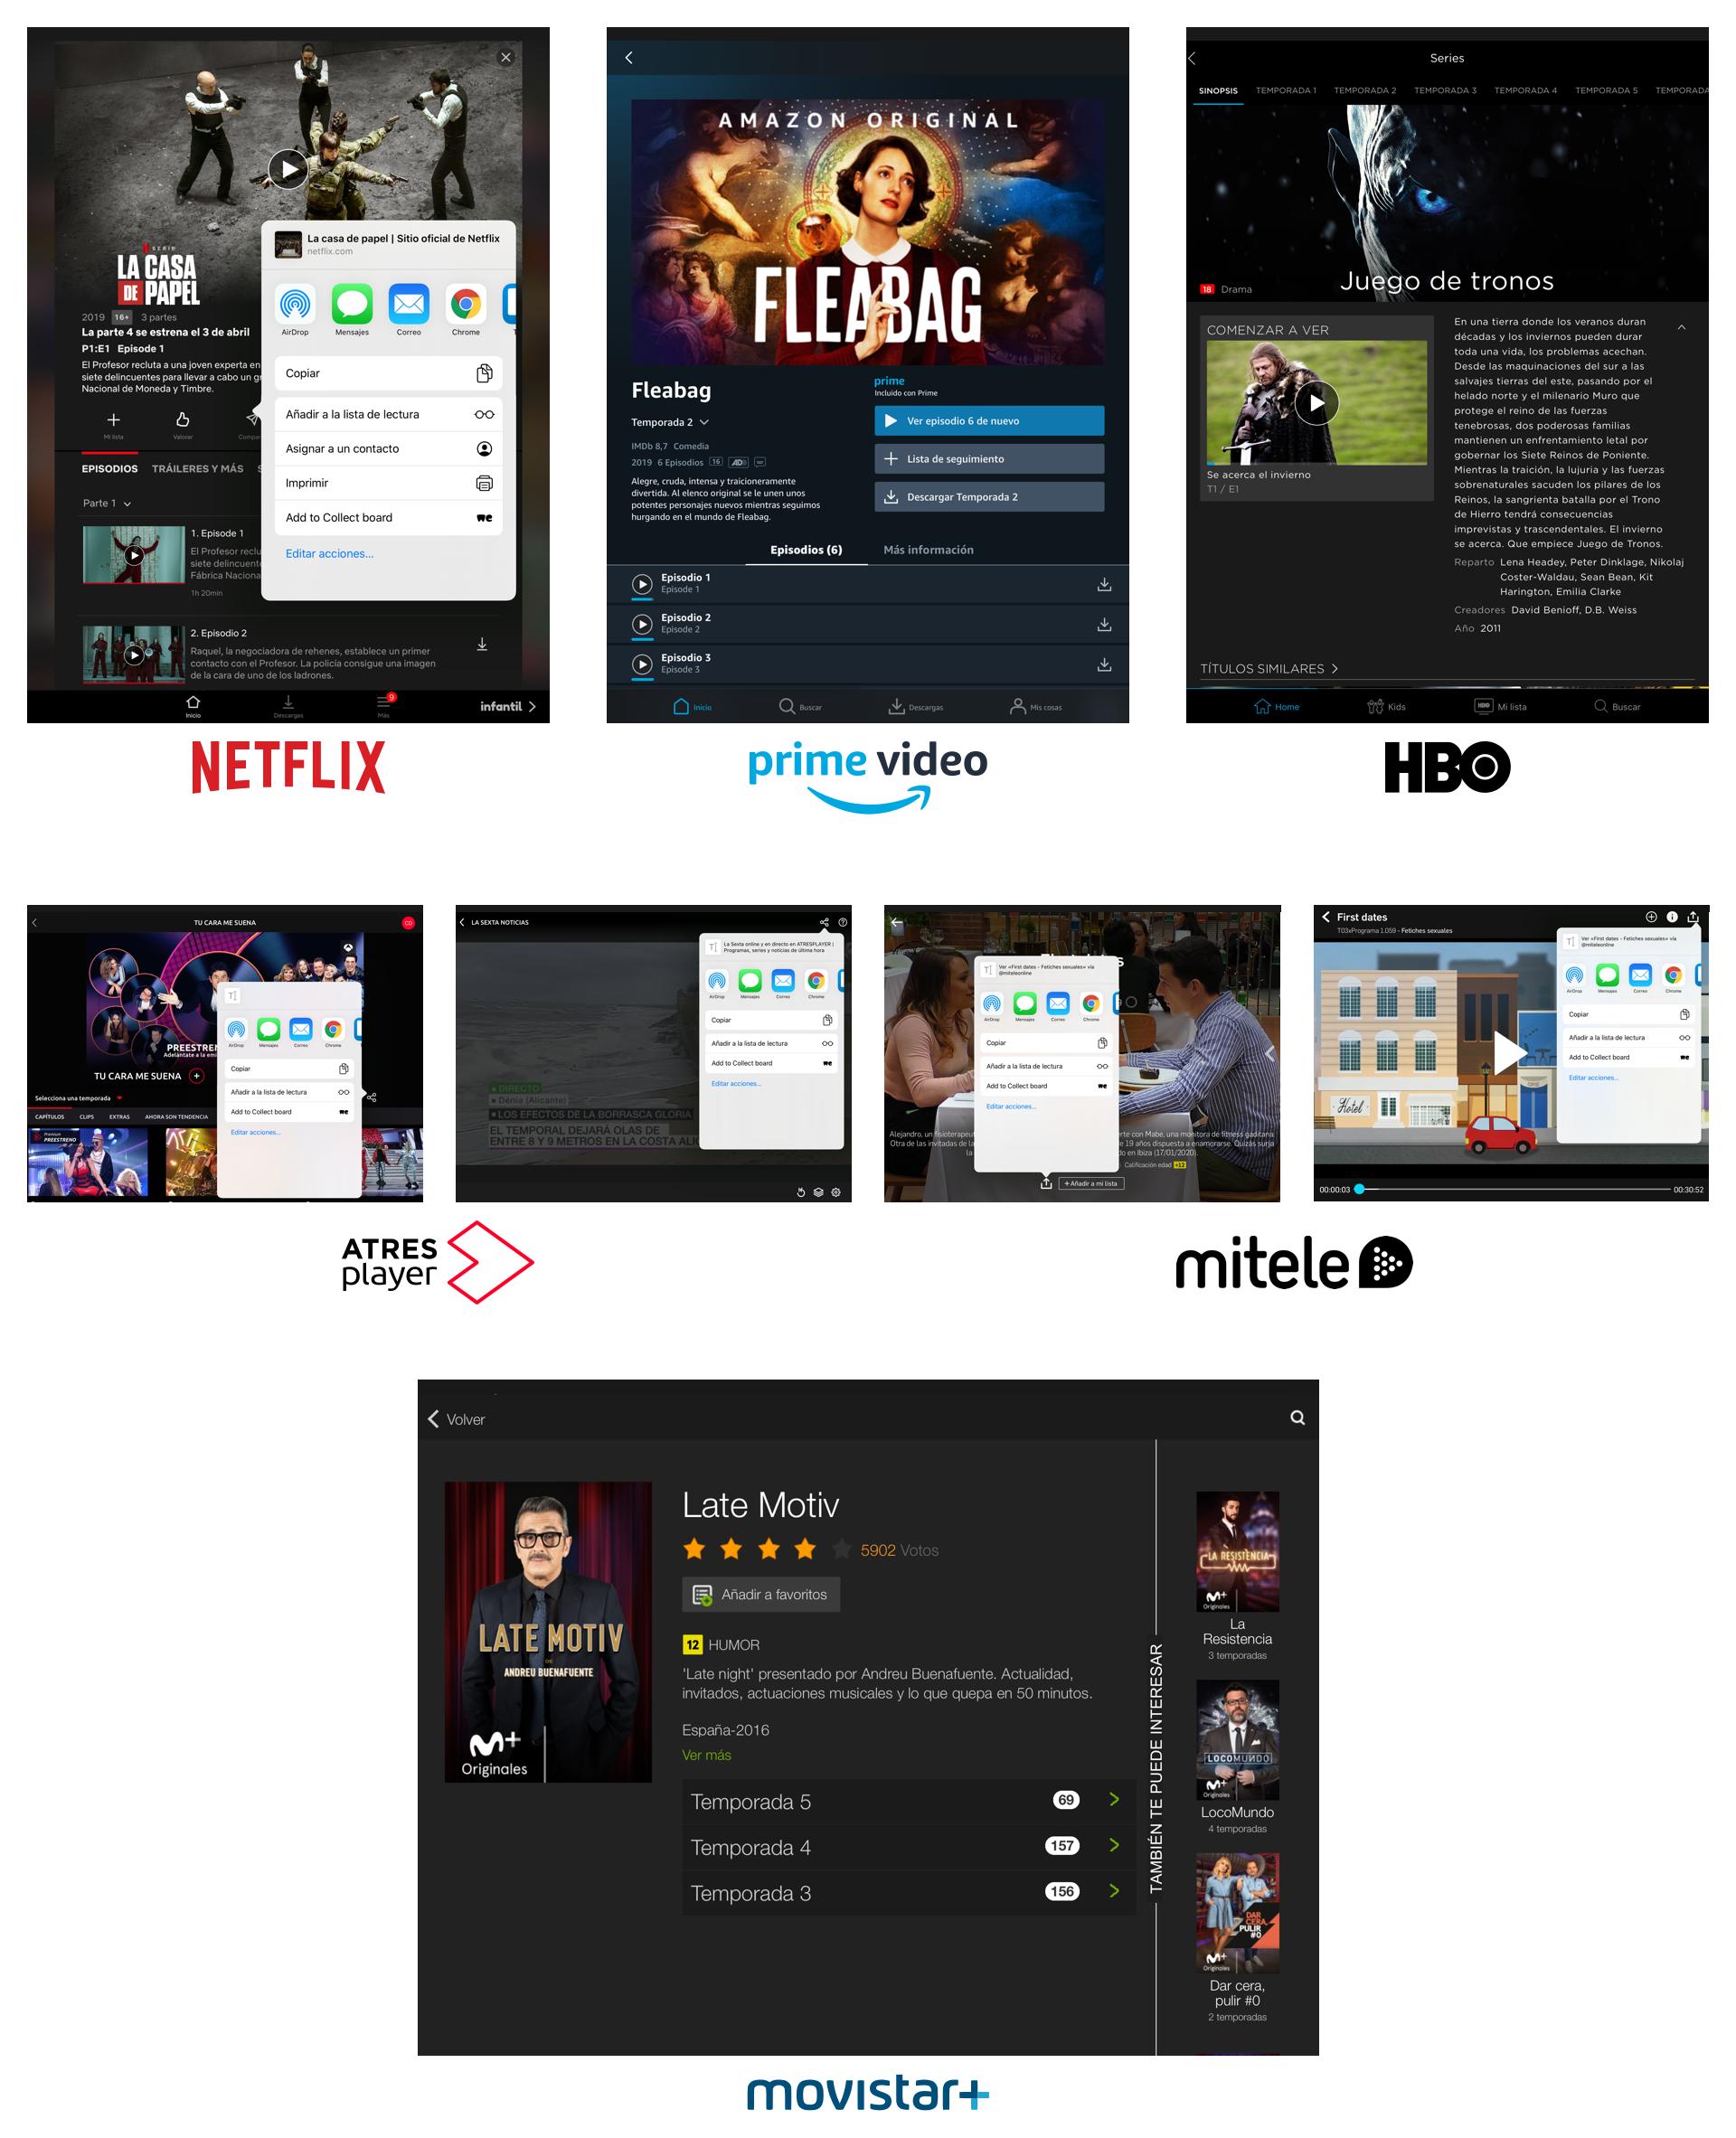 Otras plataformas. Movistar+: investigación y diseño UX